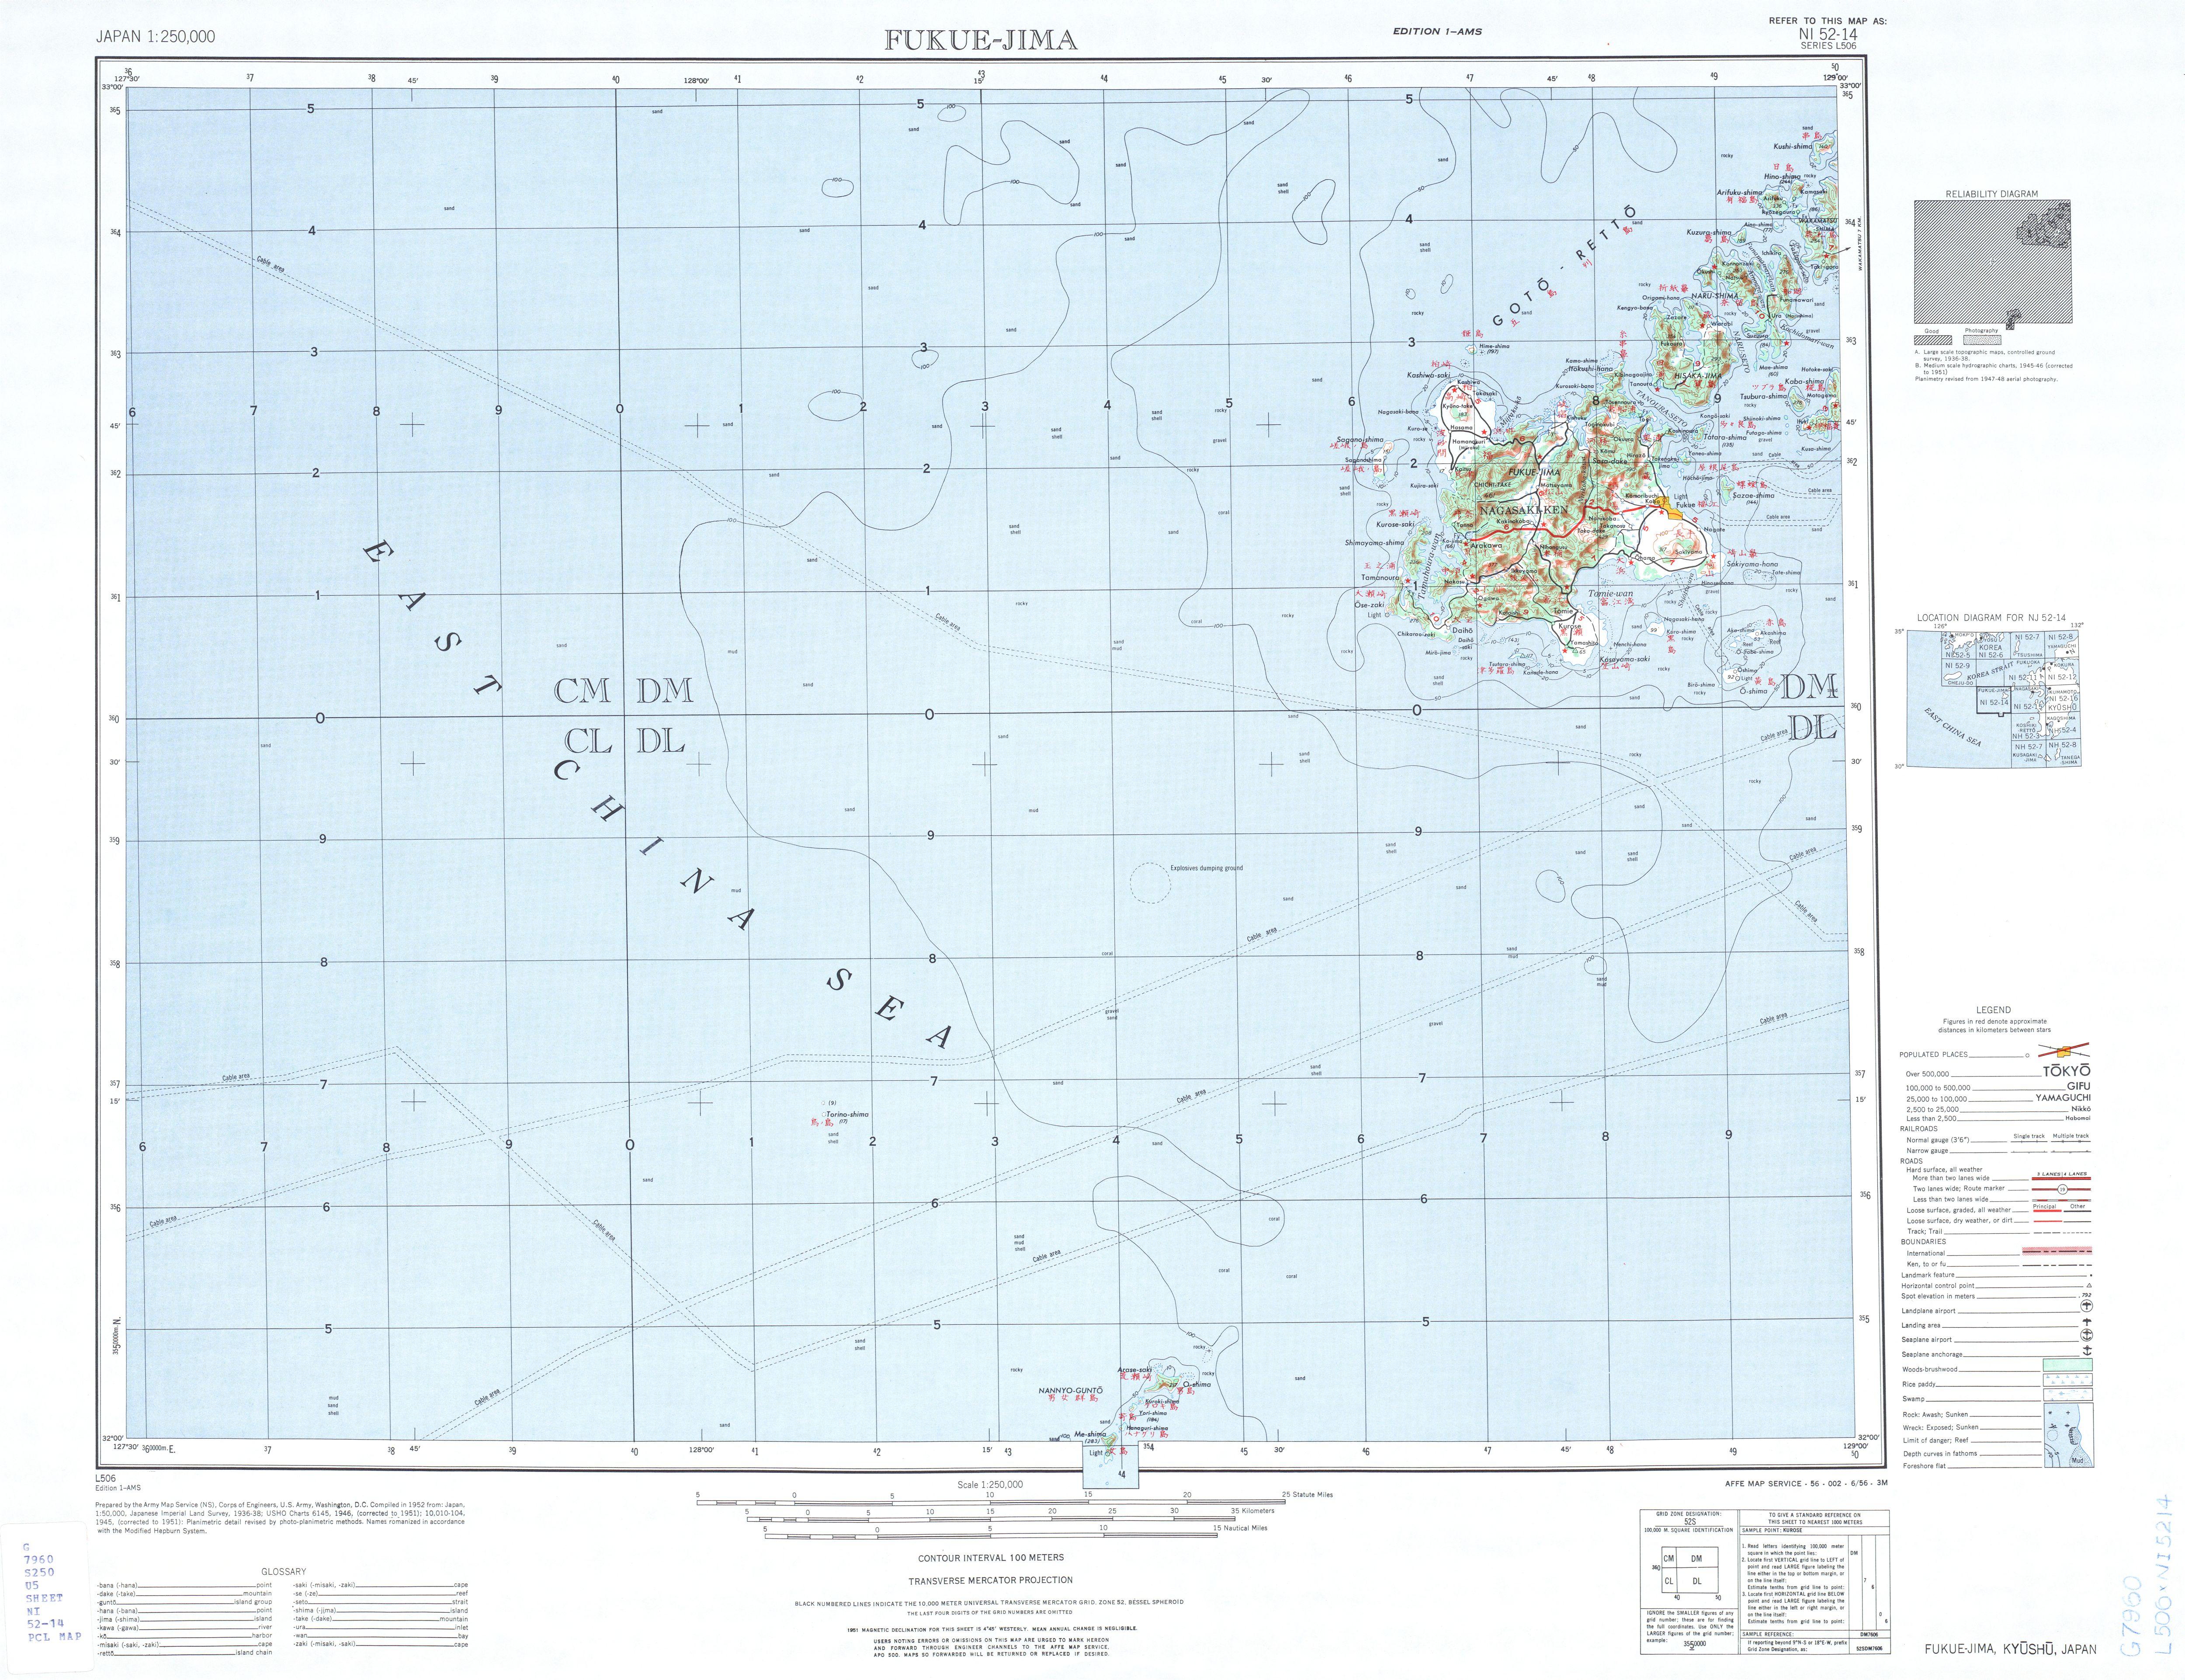 Hoja Fukue-Jima del Mapa Topográfico de Japón 1954